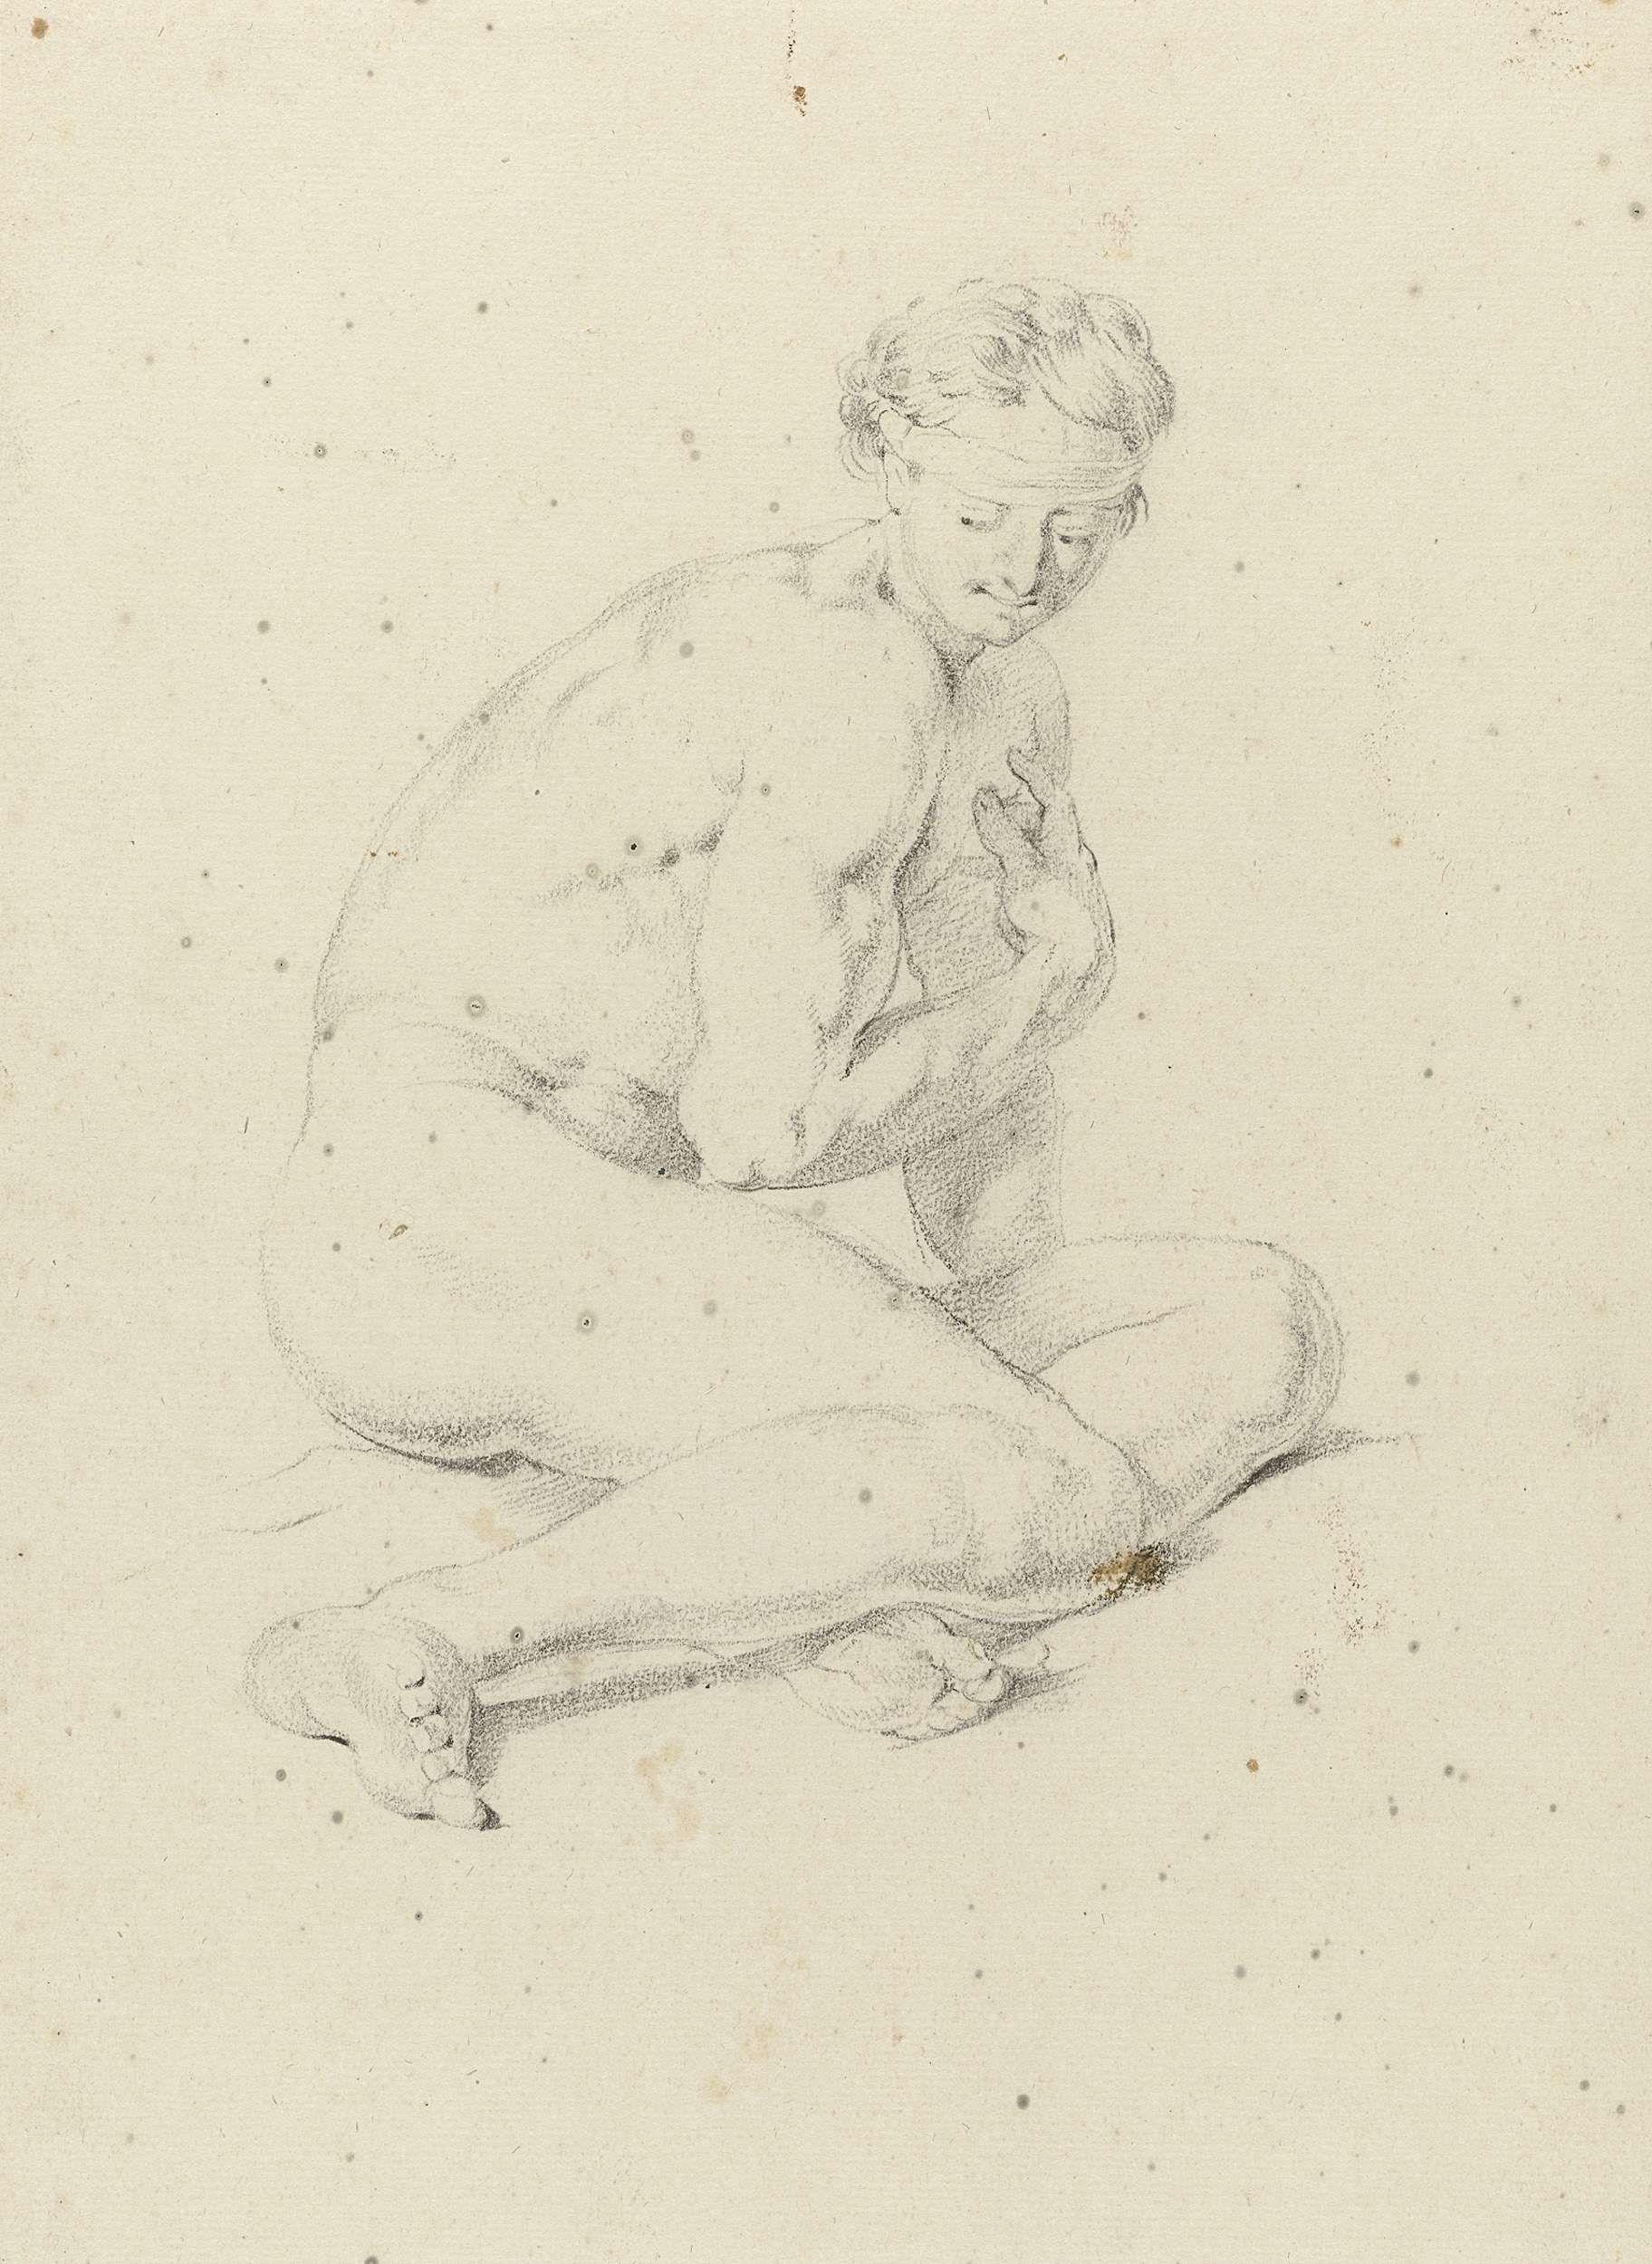 Jan Hoogsaat | Zittend mannelijk naakt, leunend op een arm, Jan Hoogsaat, 1664 - 1730 | Zittend mannelijk naakt, leunend op een arm, de andere arm voor de borst gehouden.